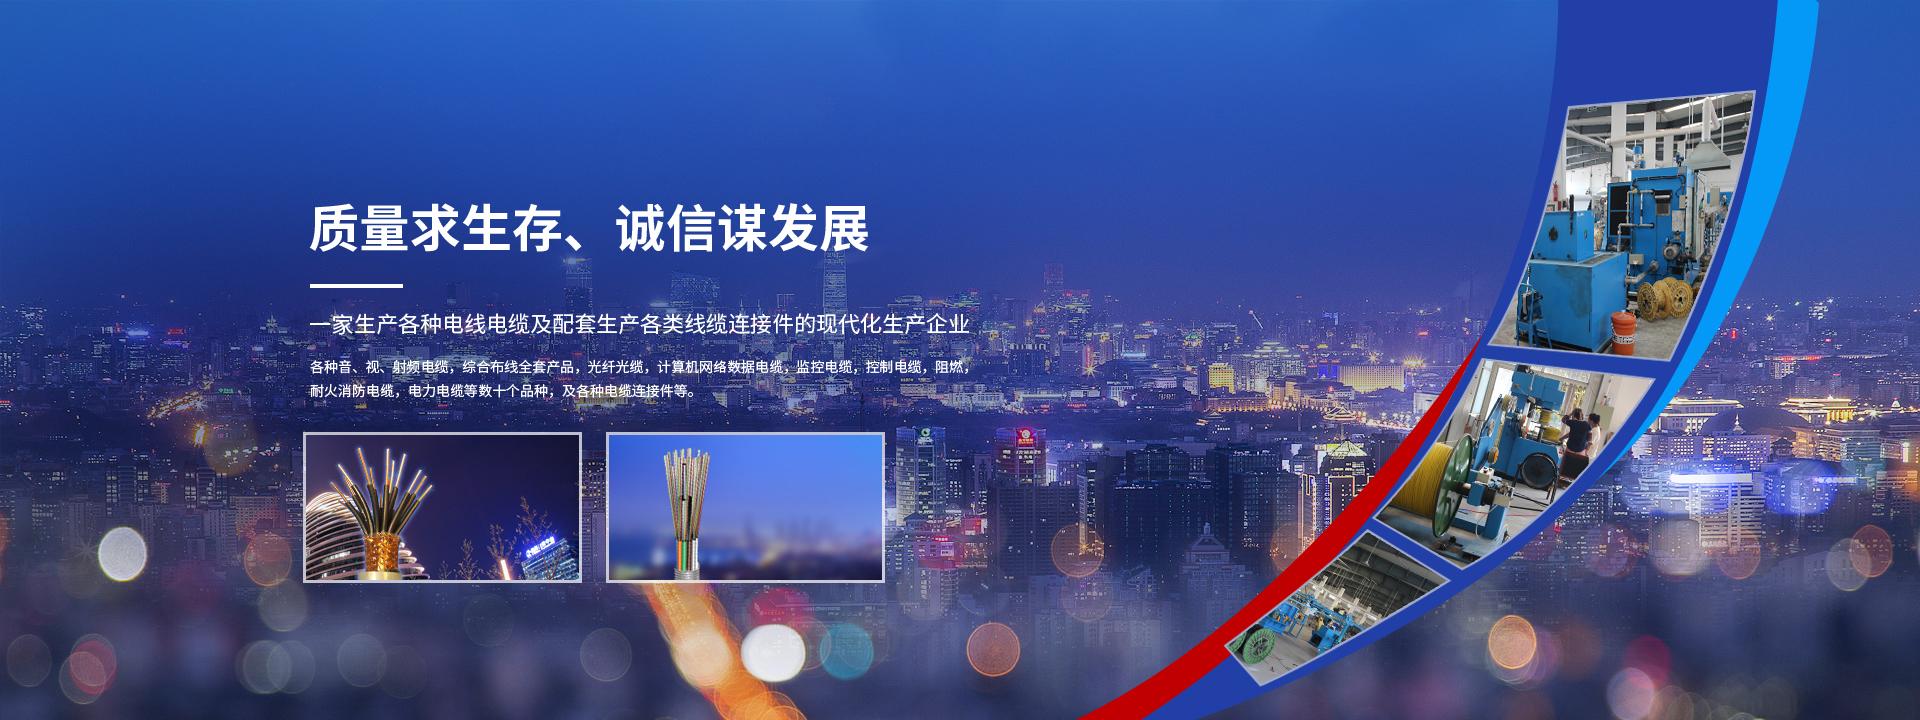 万博手机app最新版_万博manbetx下载地址_万博app登陆